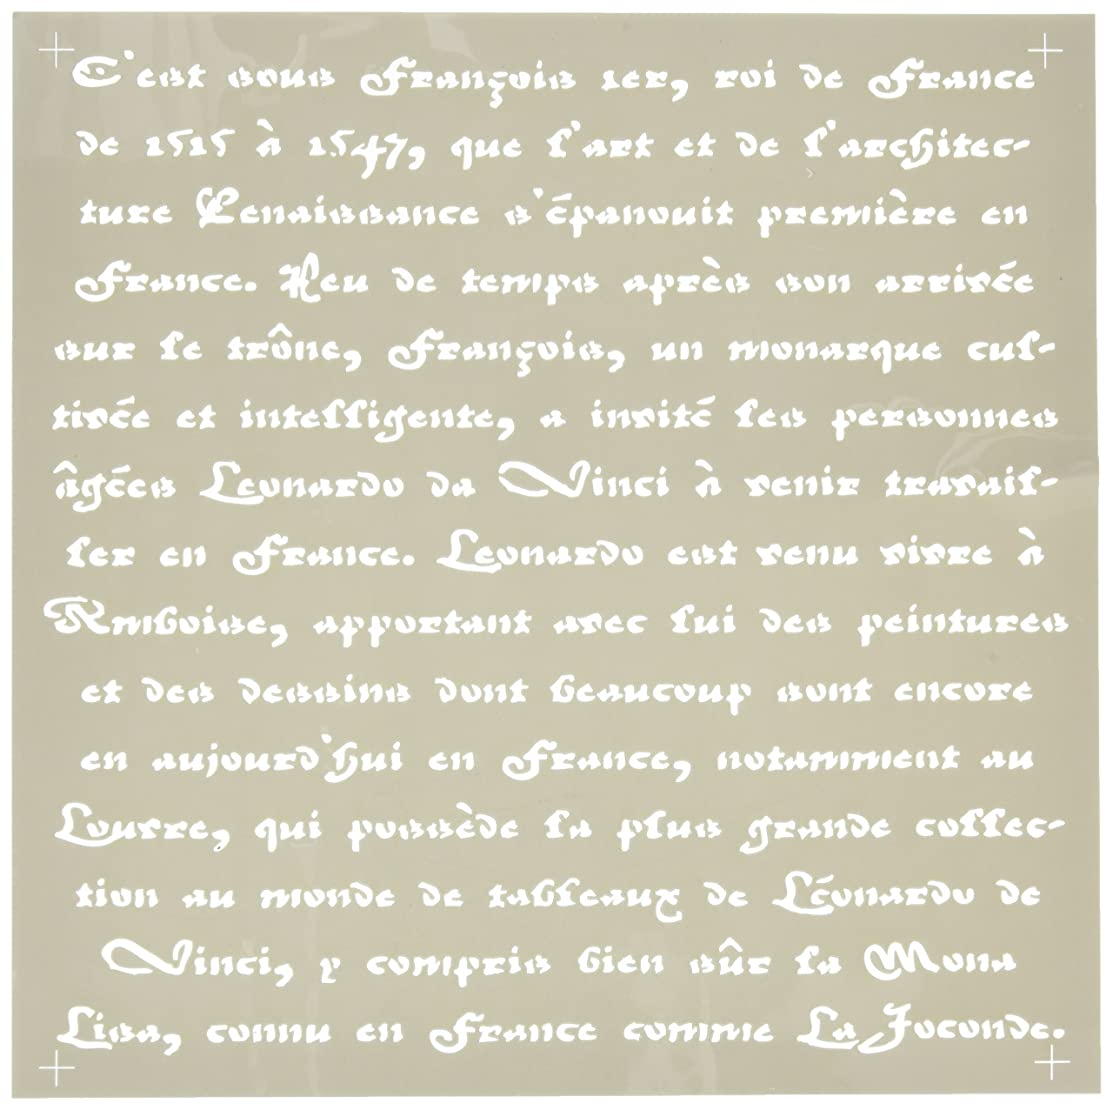 DecoArt Americana Decor Stencil, Old French Script